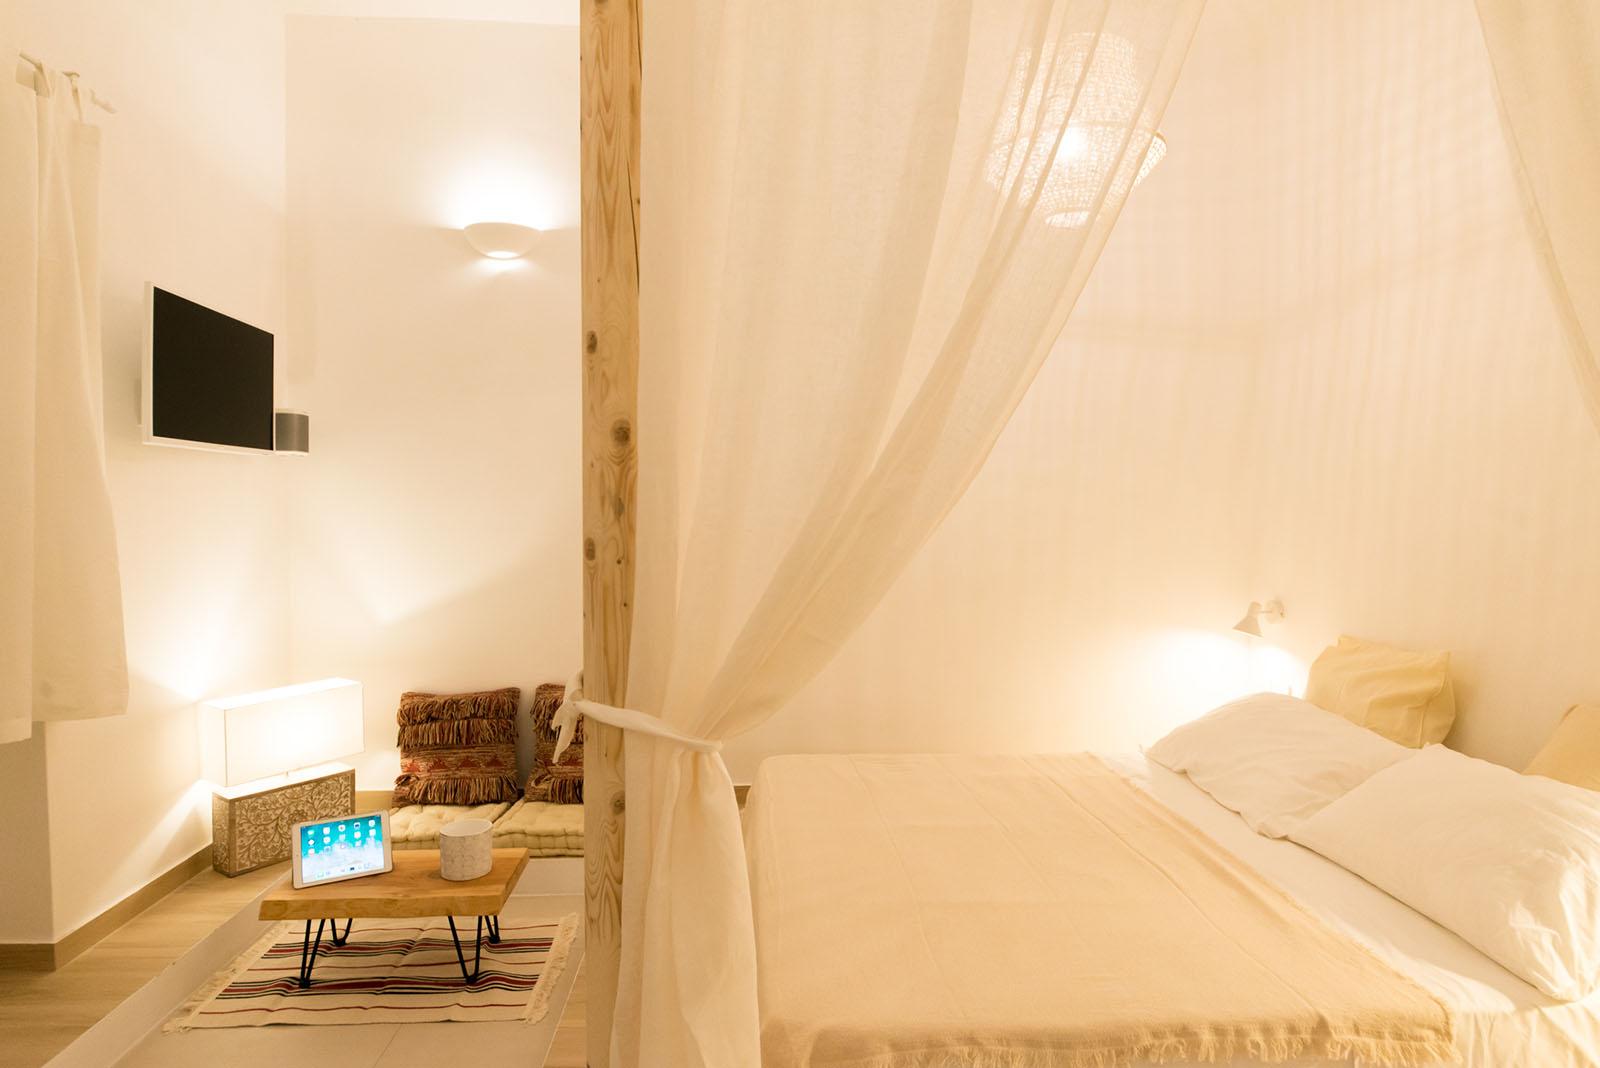 bed and breakfast agropoli progettazione architettonica domotica salerno break for two mare canopy room 1 b&b